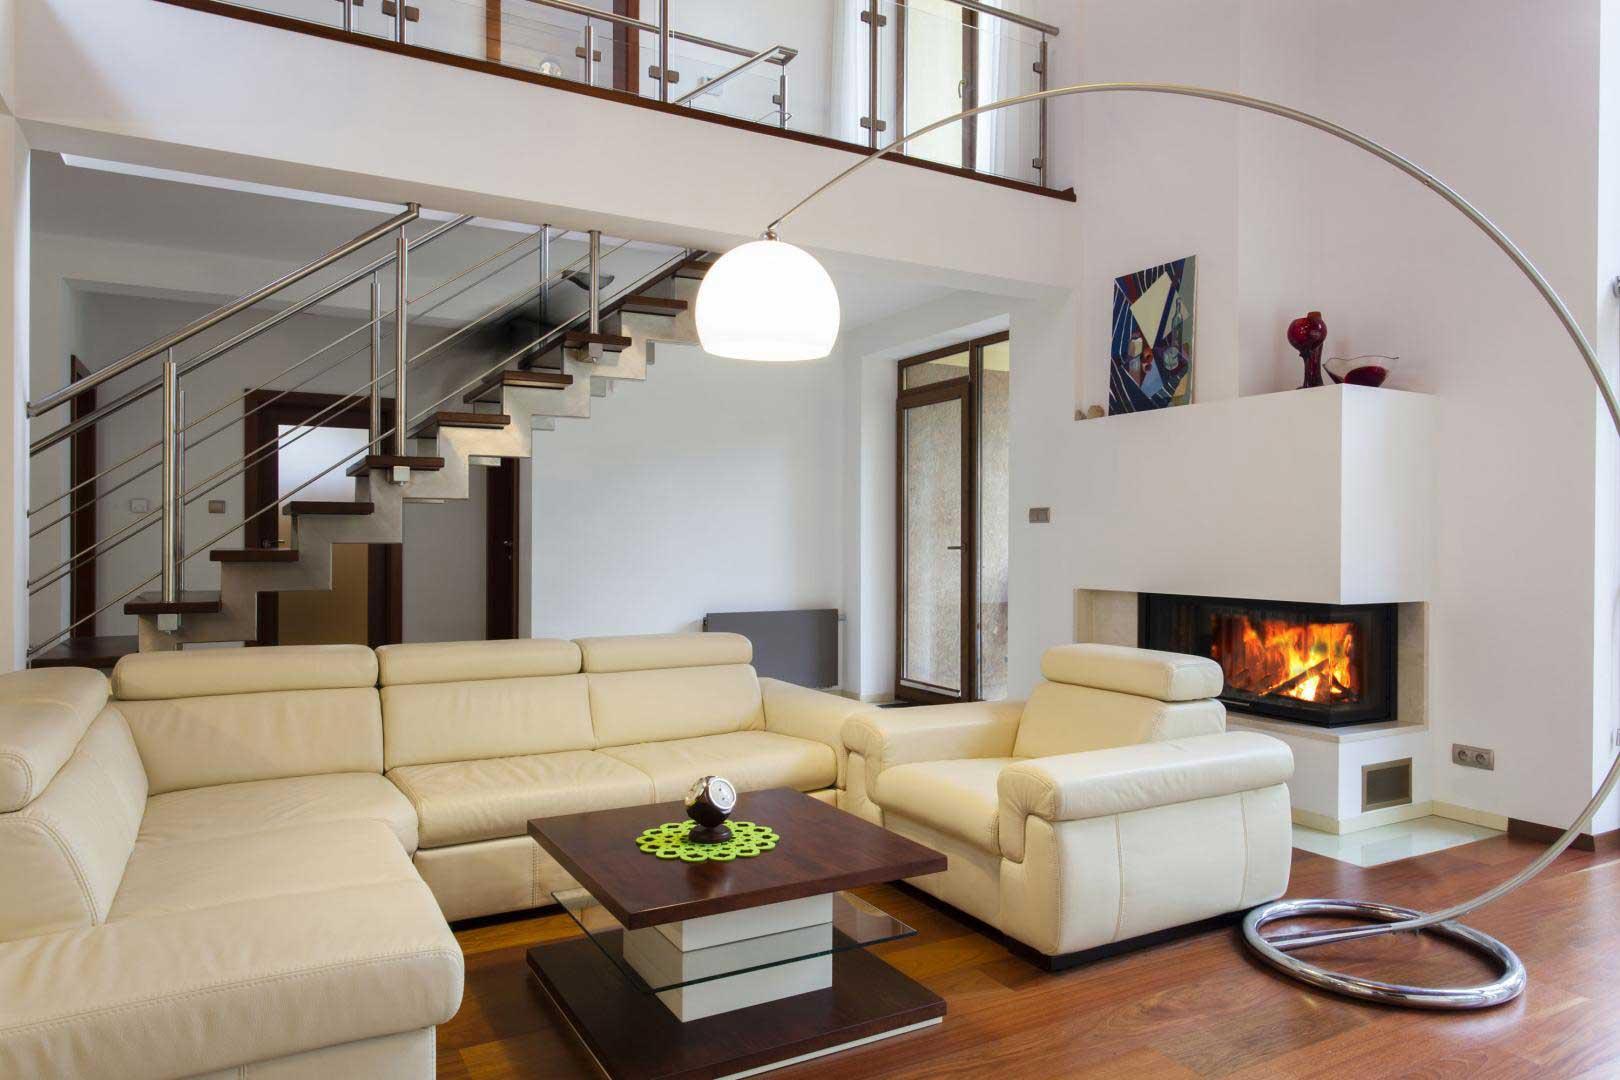 1500*880 image grande taille installation d'un chauffage centrale au bois avec cheminée dans un salon à niort